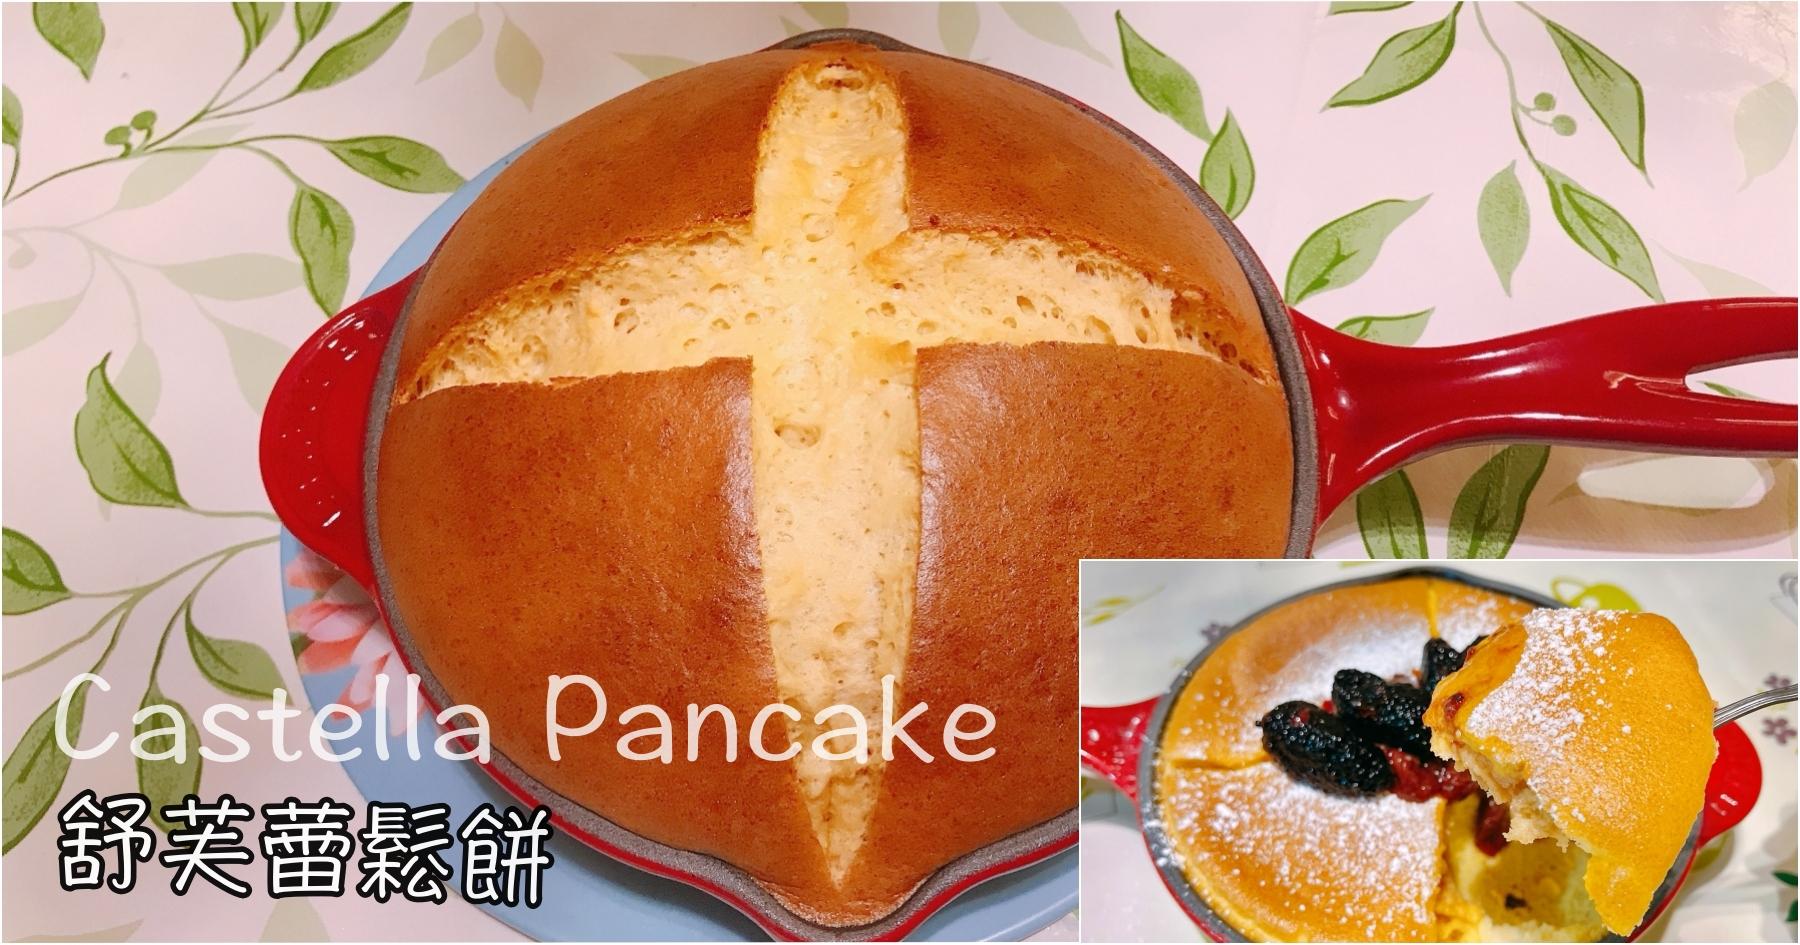 [烹飪]蜂蜜蛋糕鬆餅 (Castella Pancake /鐵鍋舒芙蕾鬆餅)|實作練習反覆試做~網美舒芙蕾鬆餅在家DIY @VIVIYU小世界